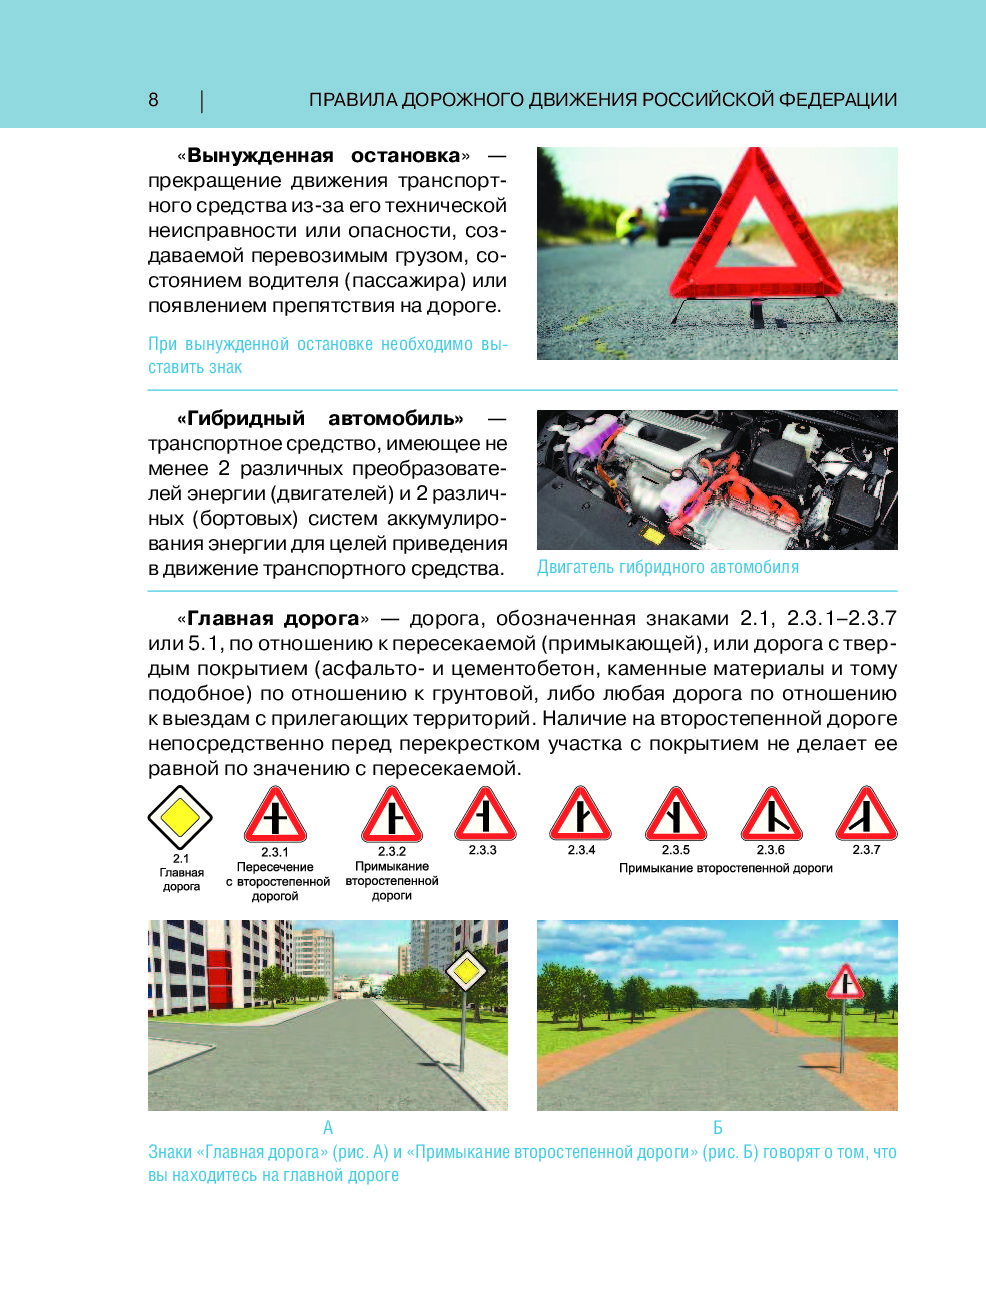 дорожные правила движения картинки с пояснениями происходило маршрутке бороздящей